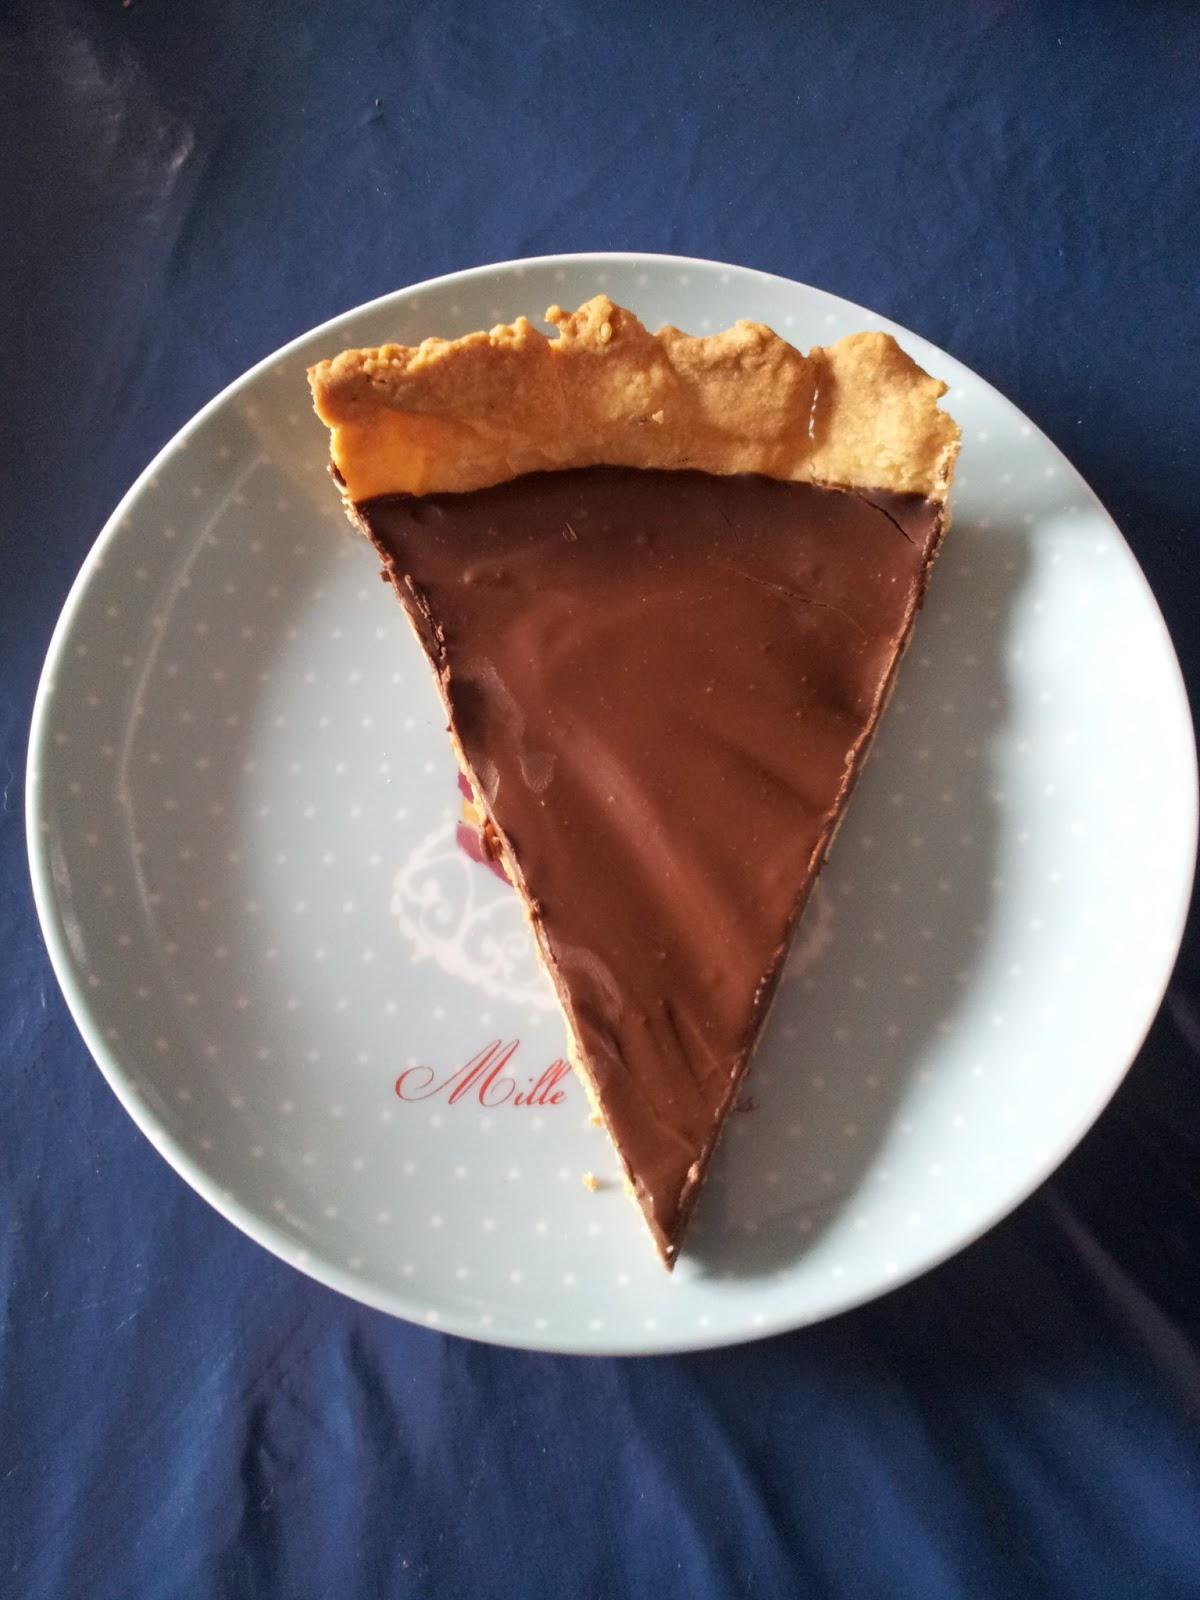 La cuisine de mimi tarte au chocolat sans oeufs - Tarte au chocolat sans oeuf ...